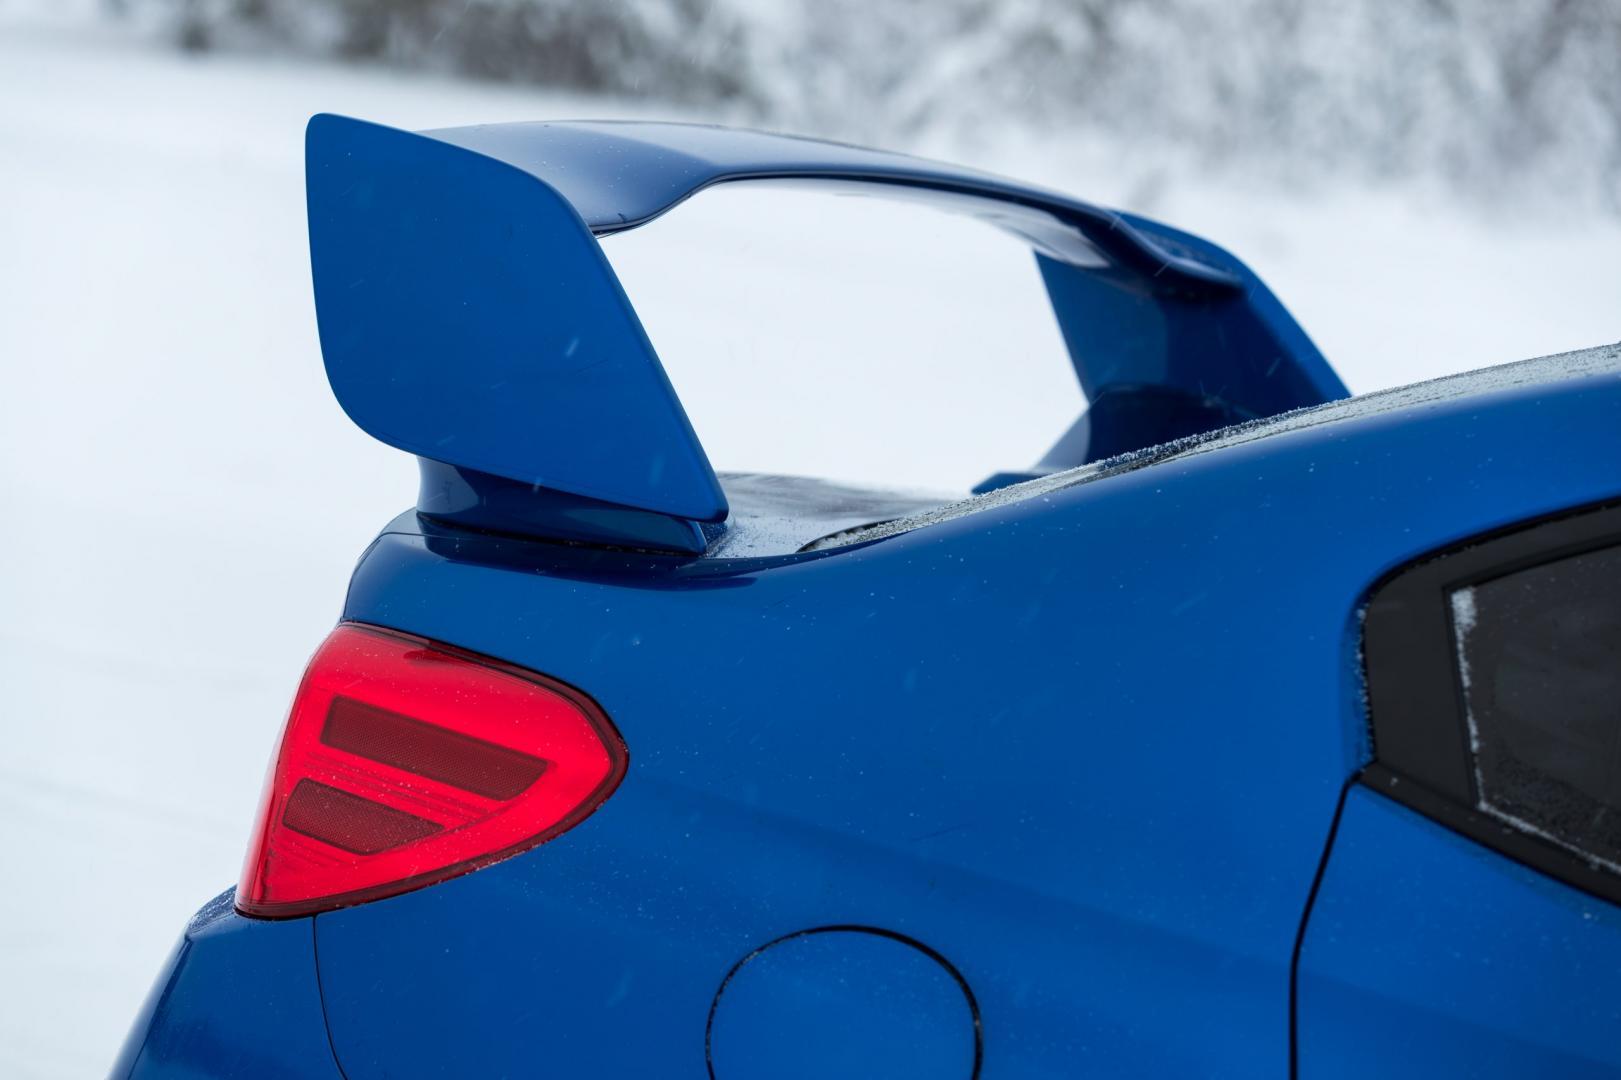 Subaru WRX STI spoiler (2018)